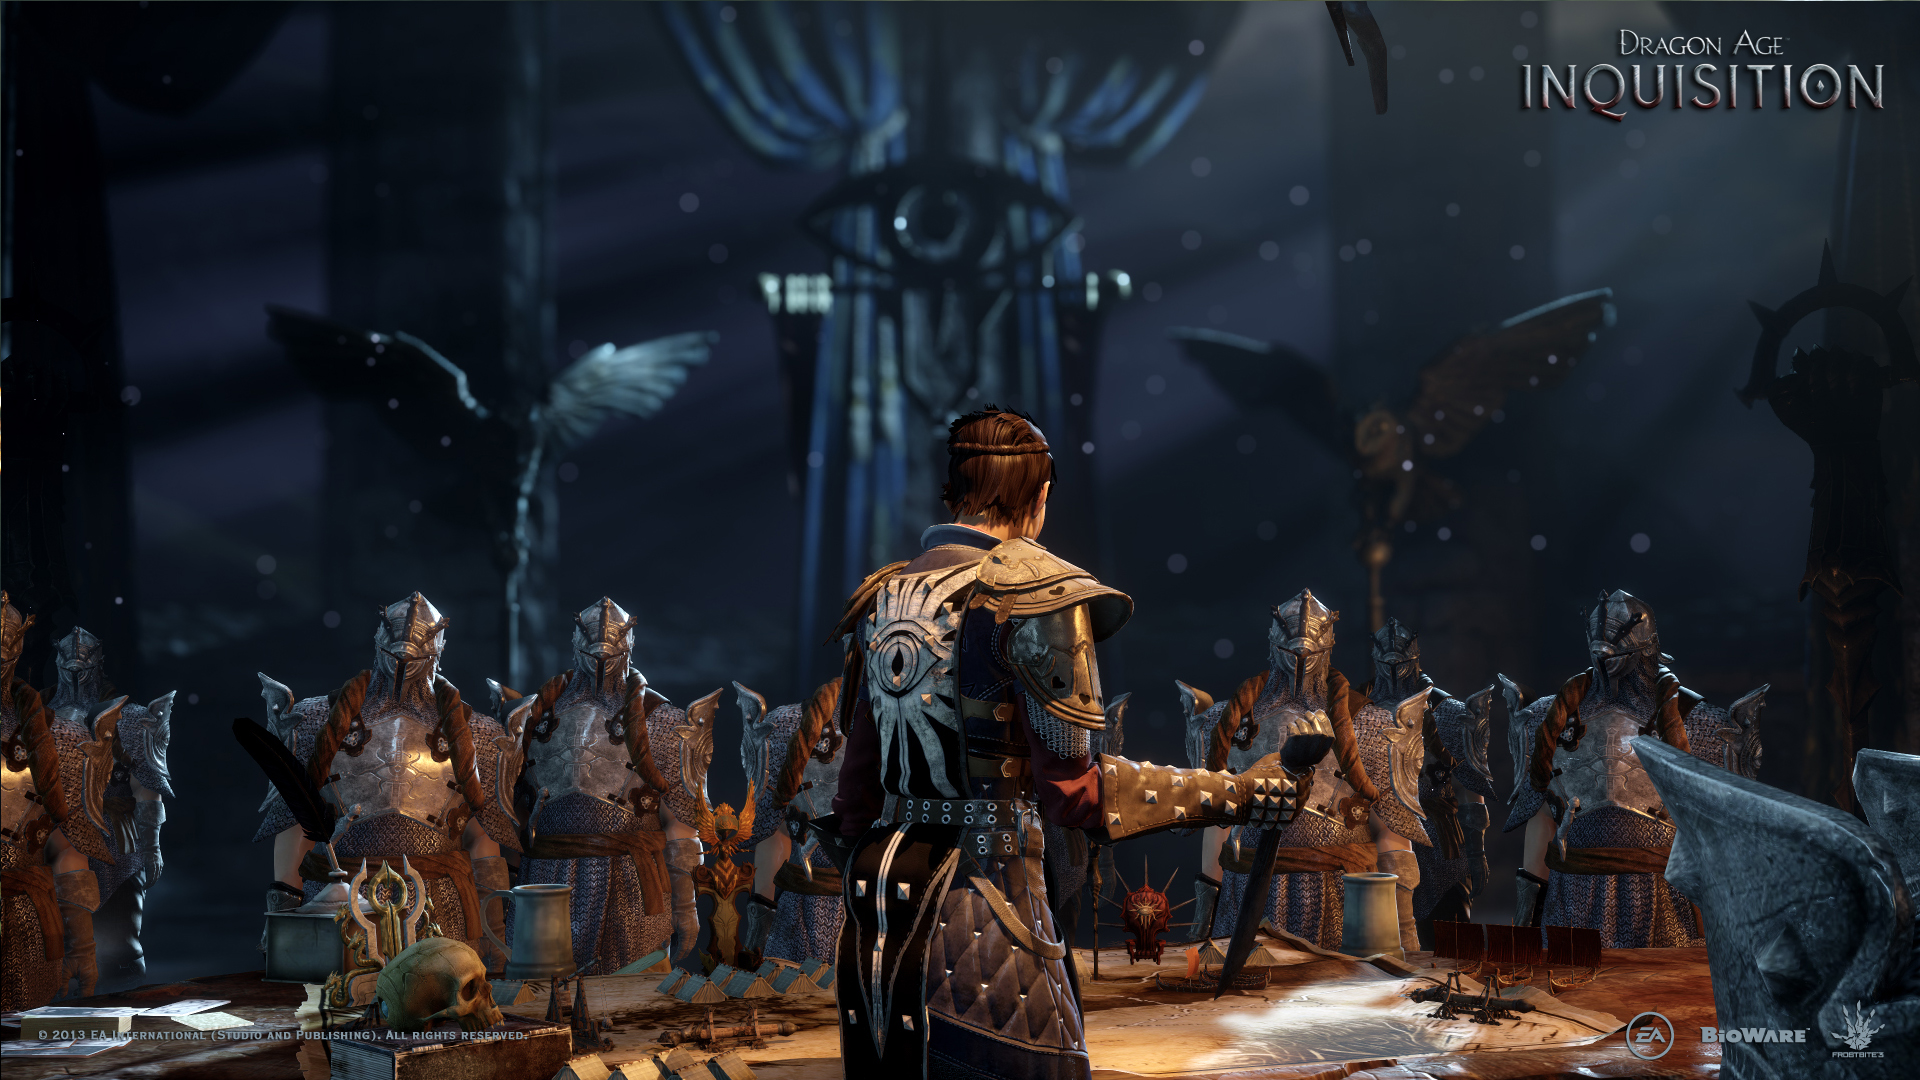 Dragon Age Inquisition Cast